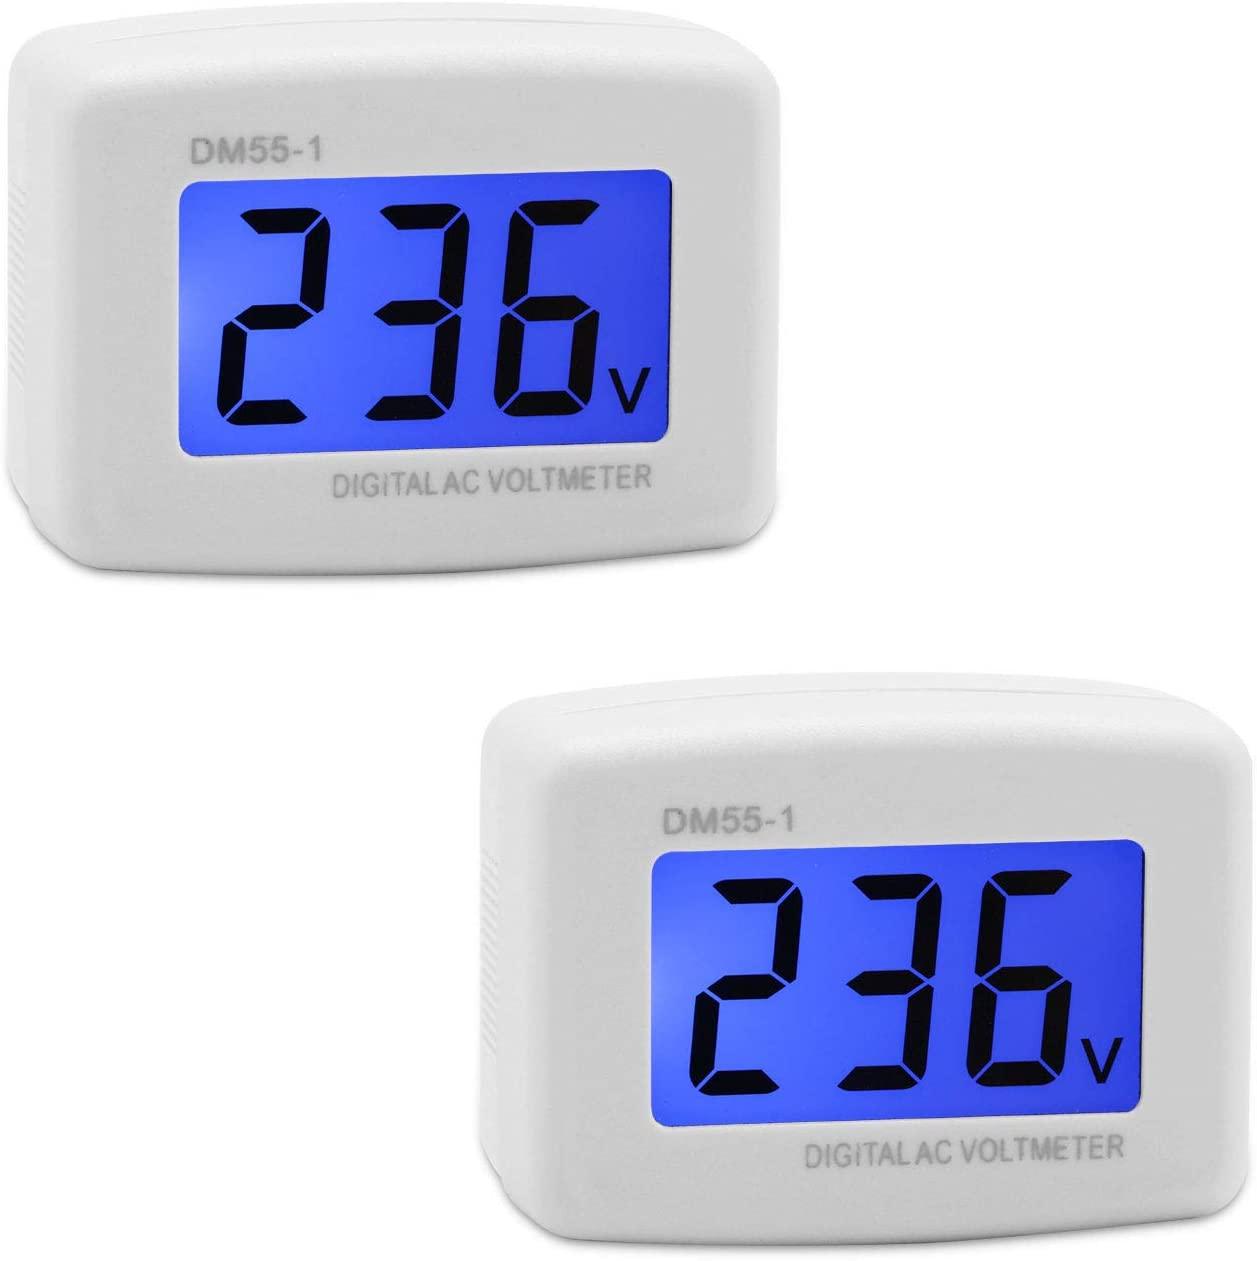 Voltage Test Monitor, DROK 2 pcs Plug In Digital Volt Meter for RV, AC 80-300V Flat US Plug LCD Display Voltmeter 110V 220V Voltage Measuring Monitor Panel Power Line Volt Tester Gauge